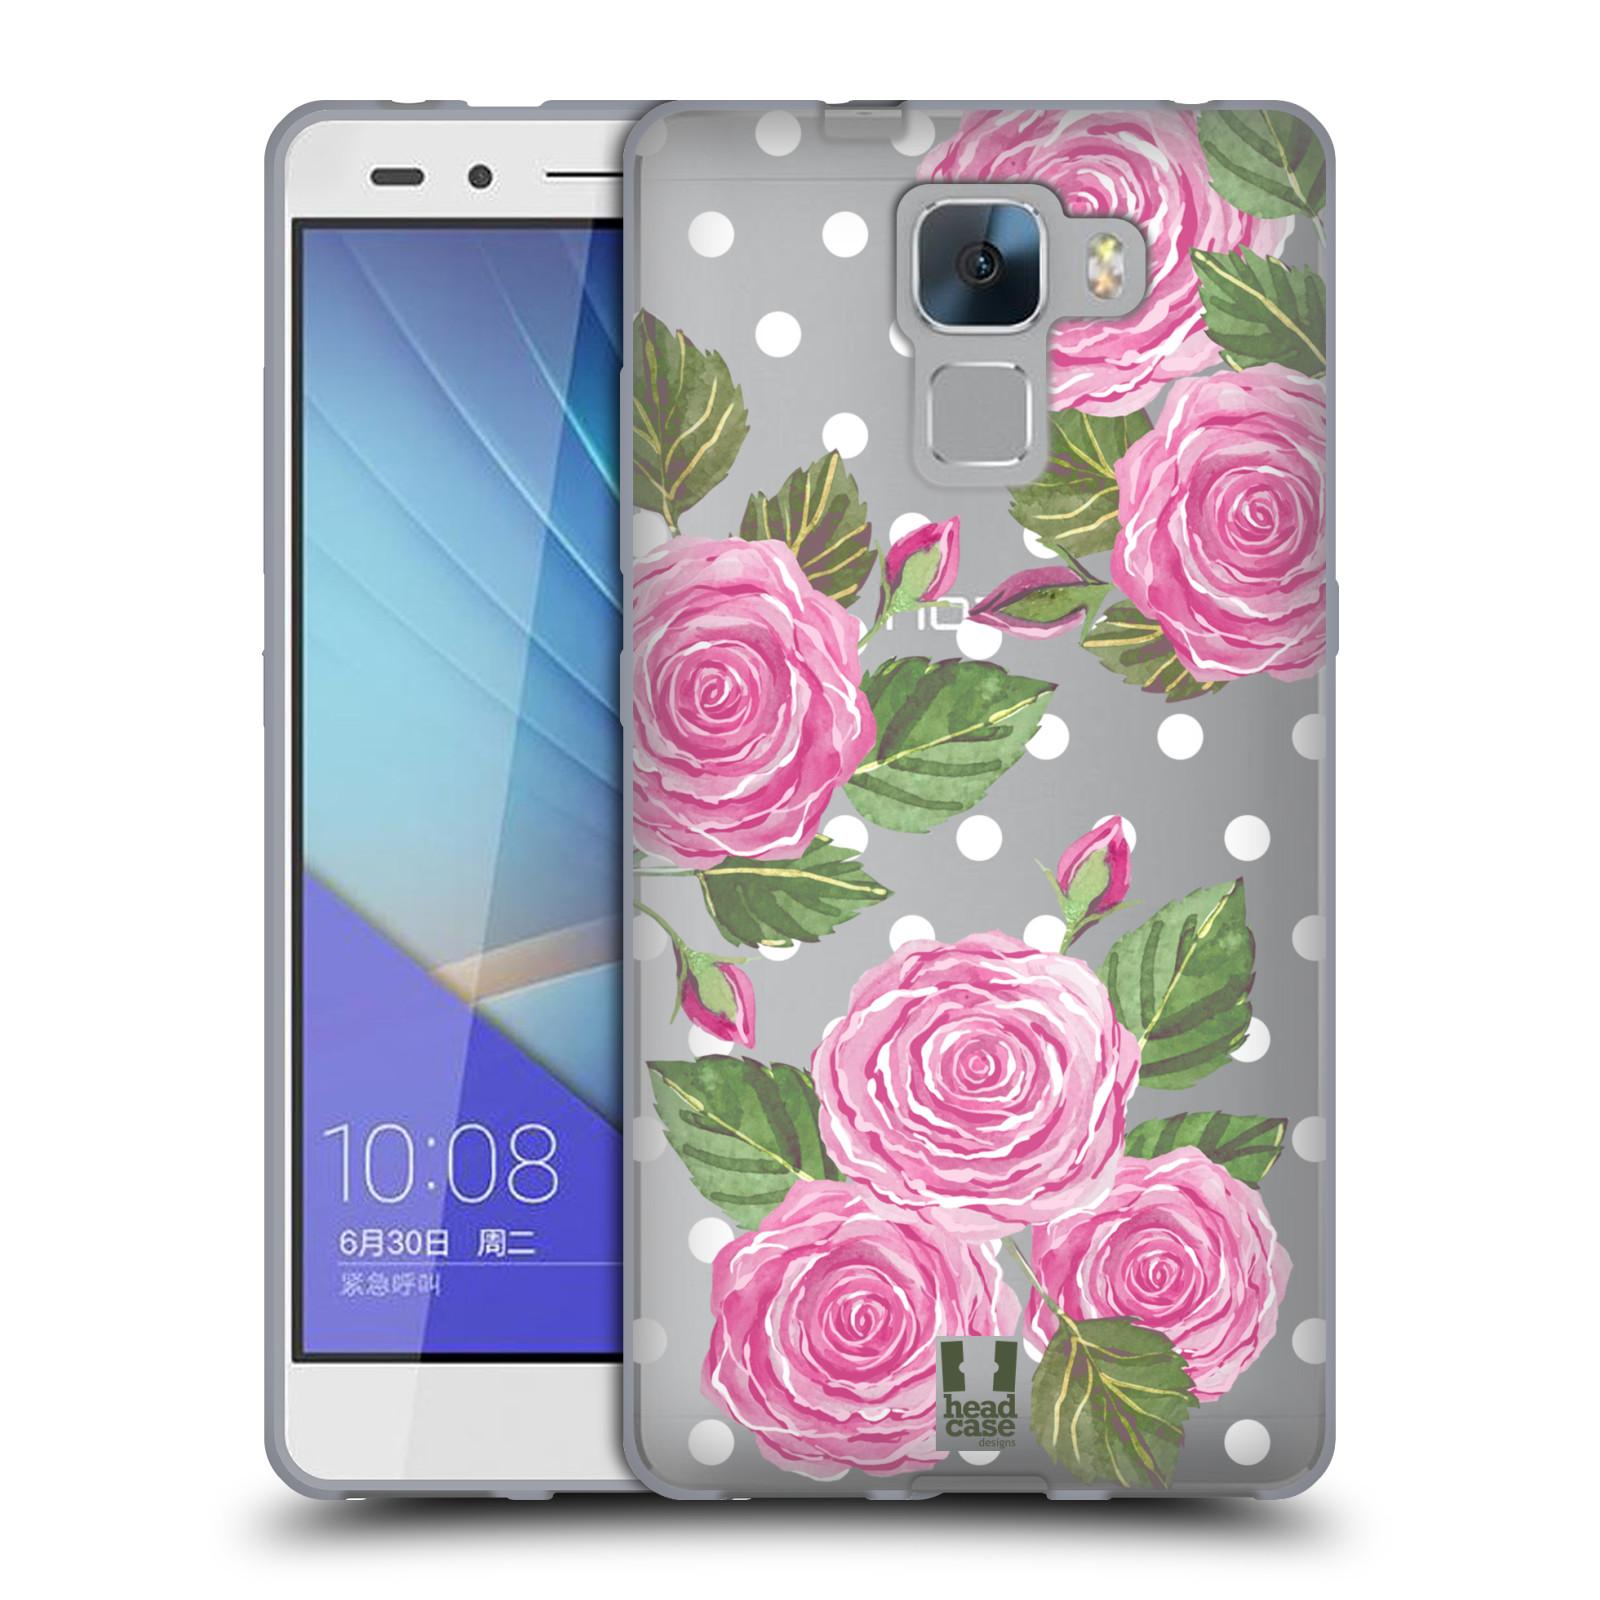 Silikonové pouzdro na mobil Honor 7 - Head Case - Hezoučké růžičky - průhledné